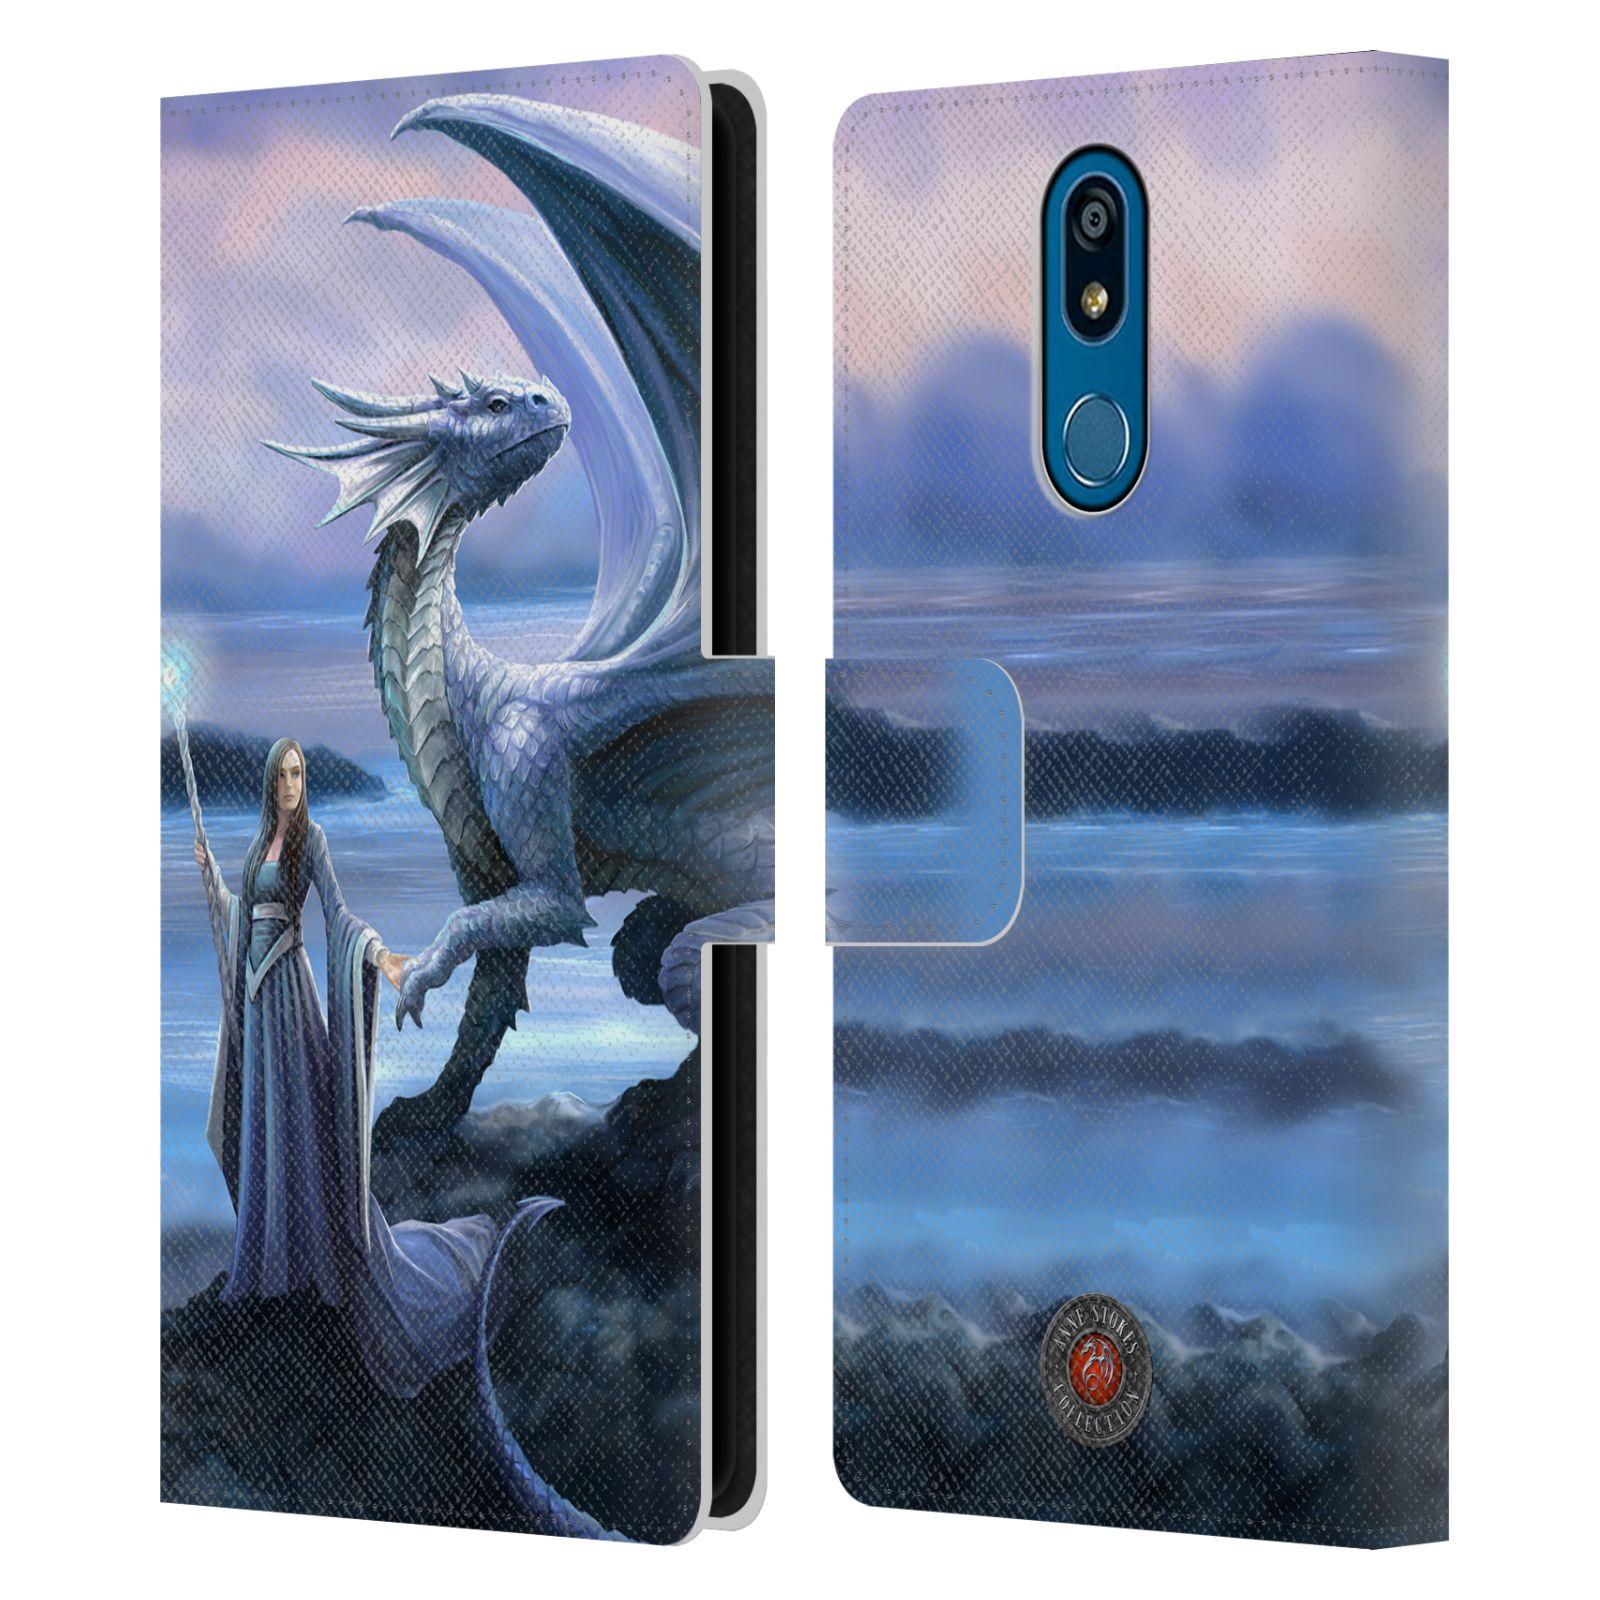 Pouzdro na mobil LG K40 - Head Case - fantasy - žena s drakem horizont